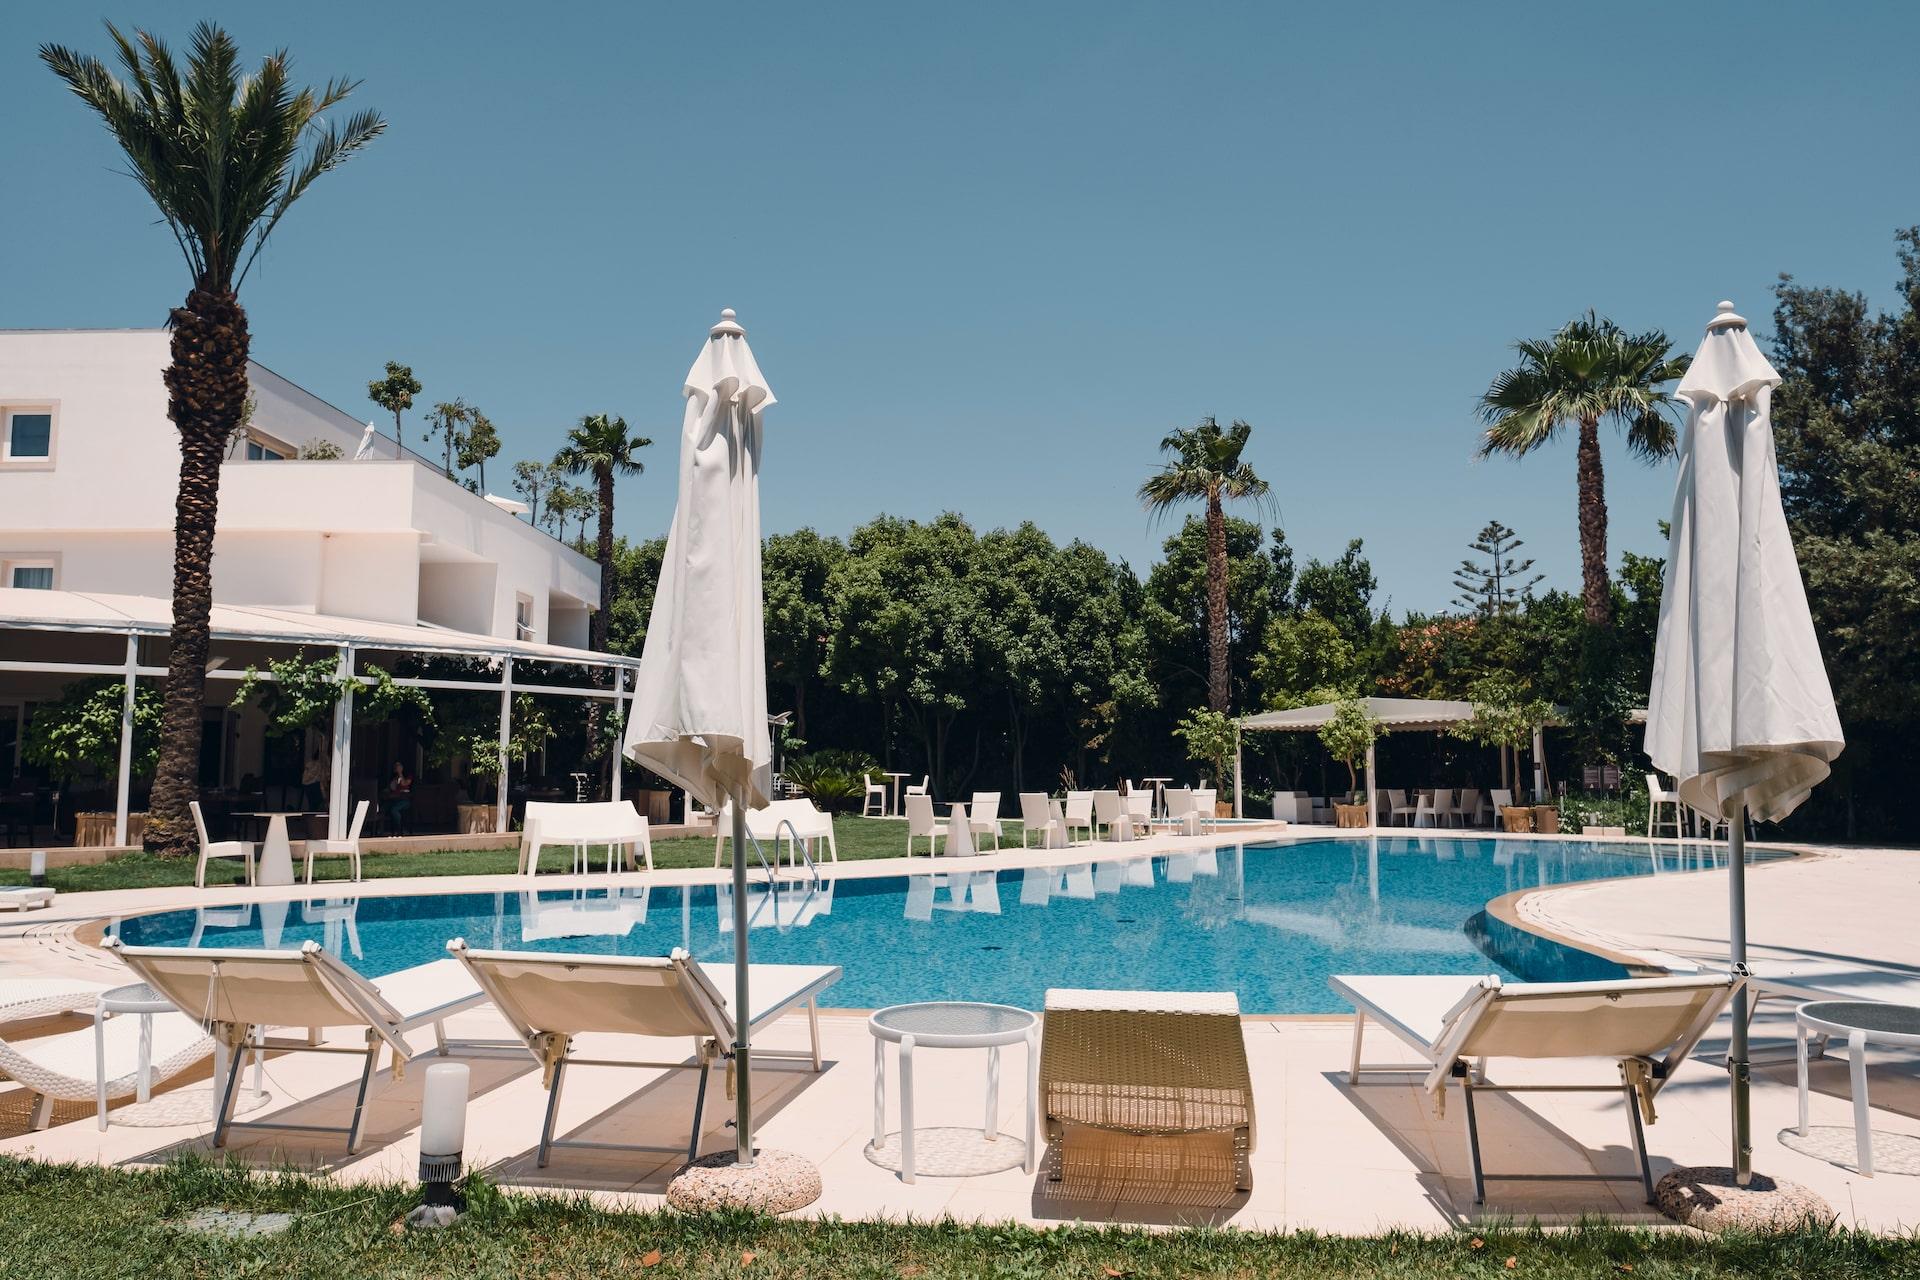 Modica Palace Hotel slide3-min